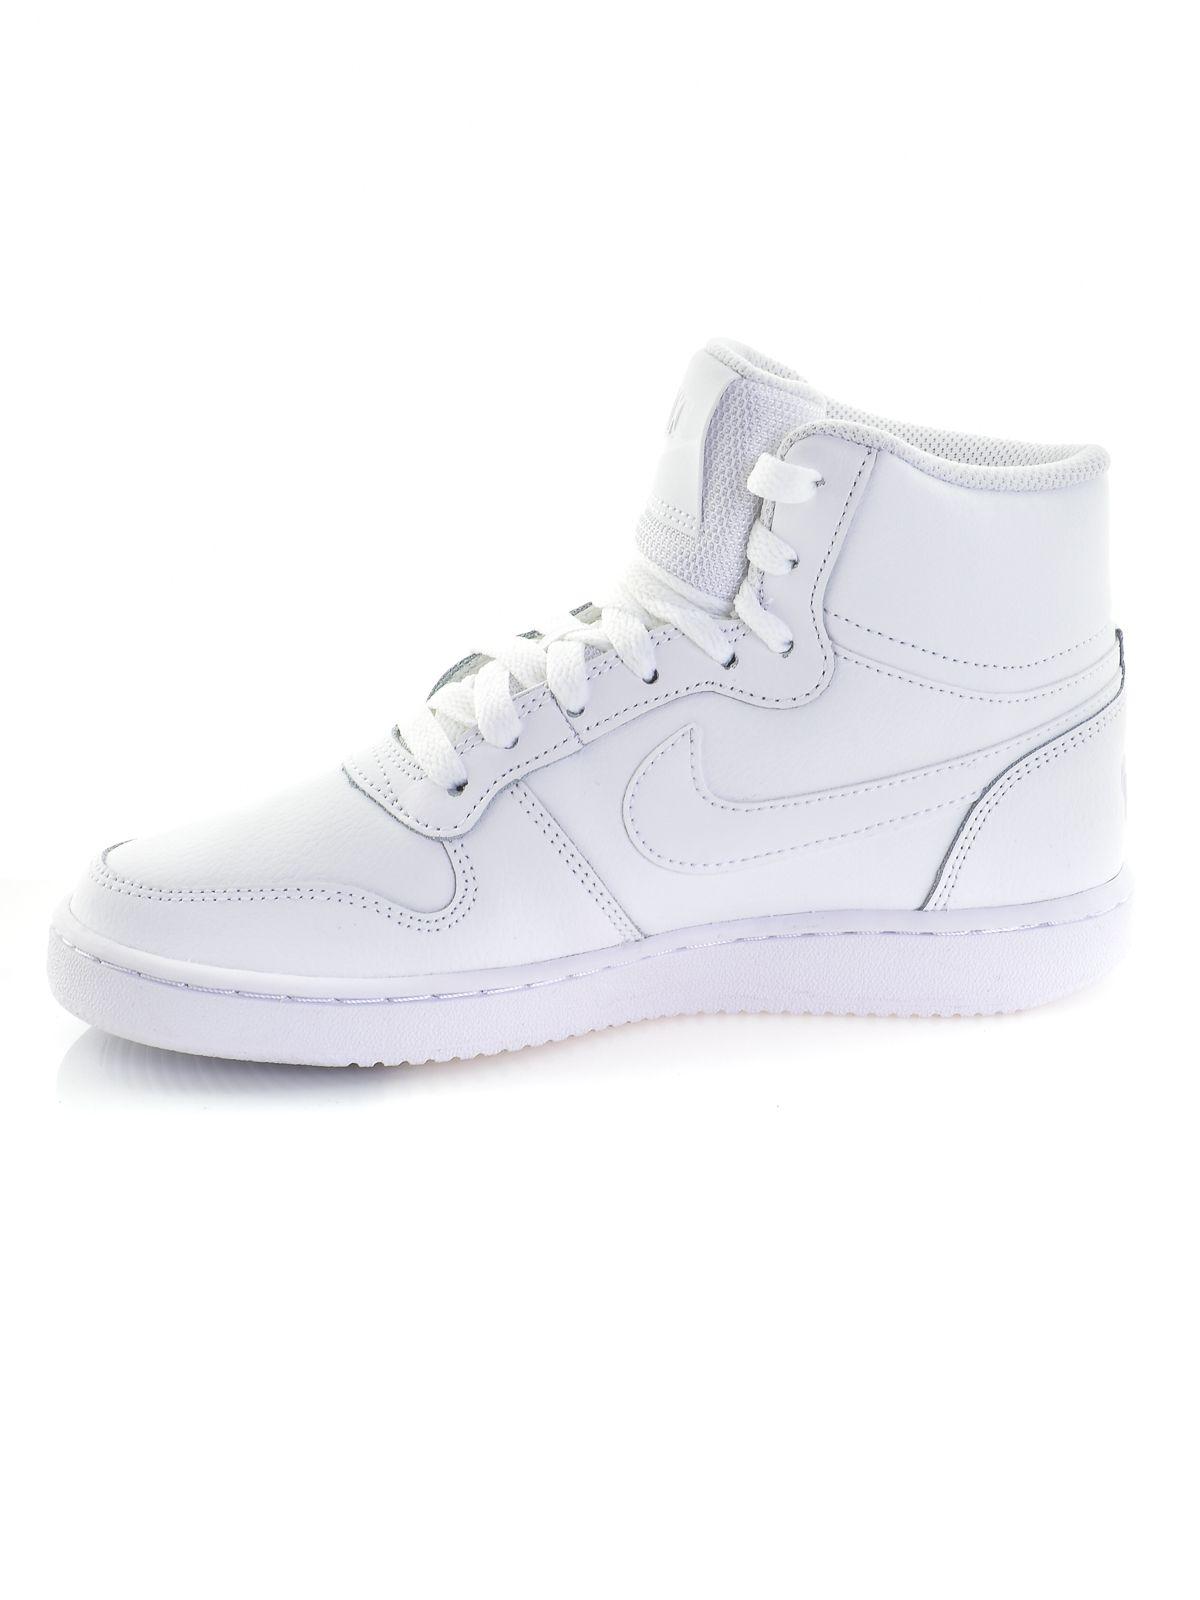 ... Nike női magasszárú cipő WMNS EBERNON MID ... 50d2ffc18e